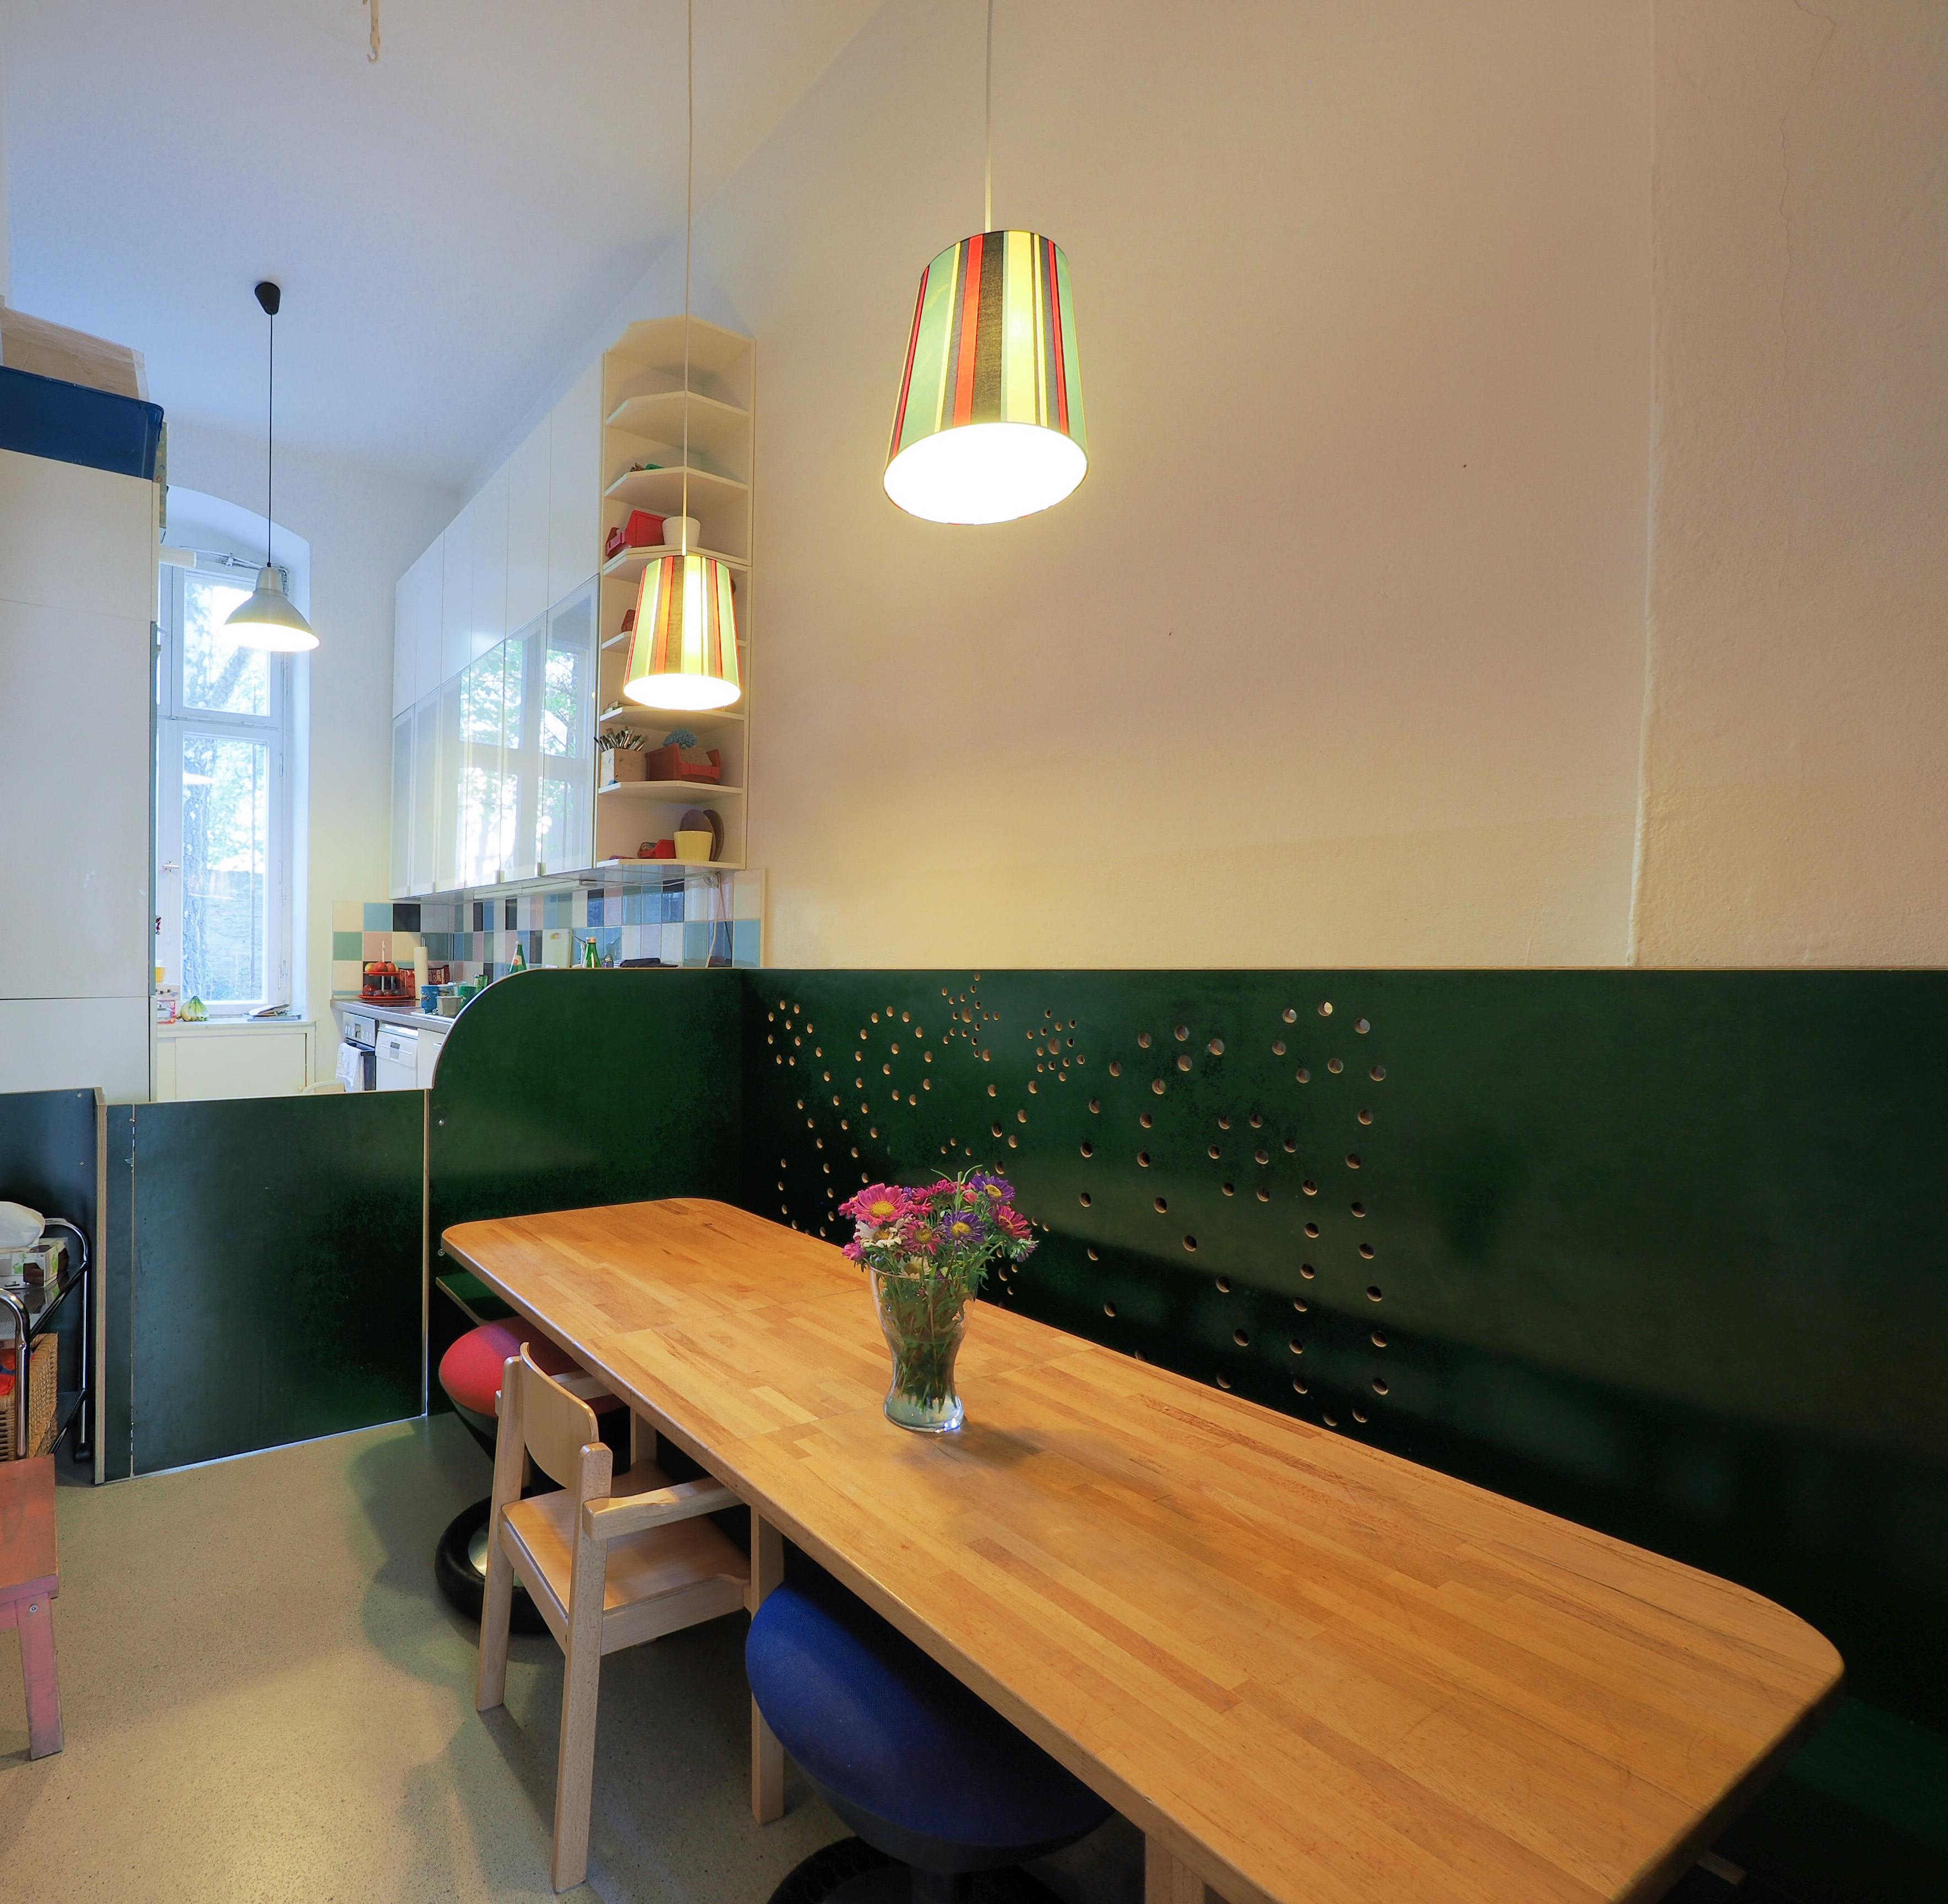 Küchenzeile Kinderhöhe ~ kleine gruppe u2013 kinderladen goethestrasse